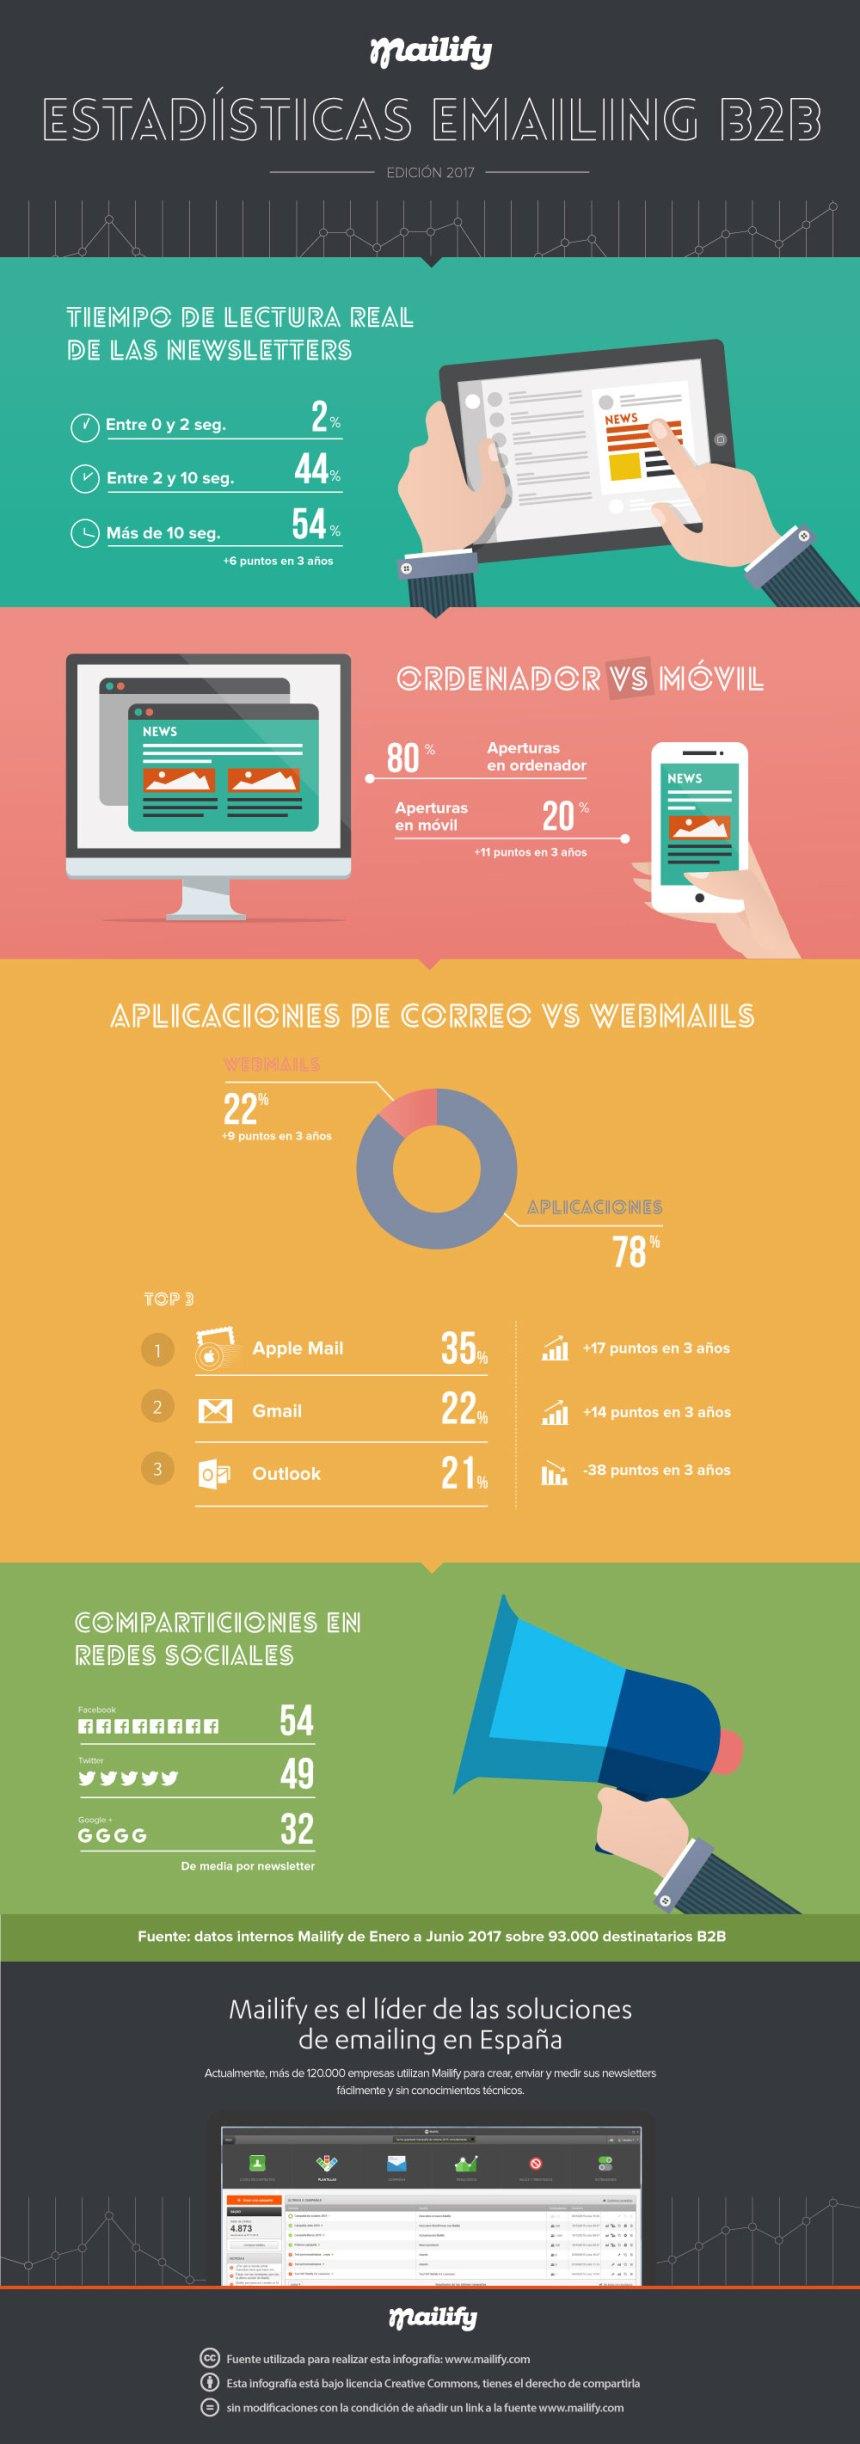 Estadísticas emailing B2B